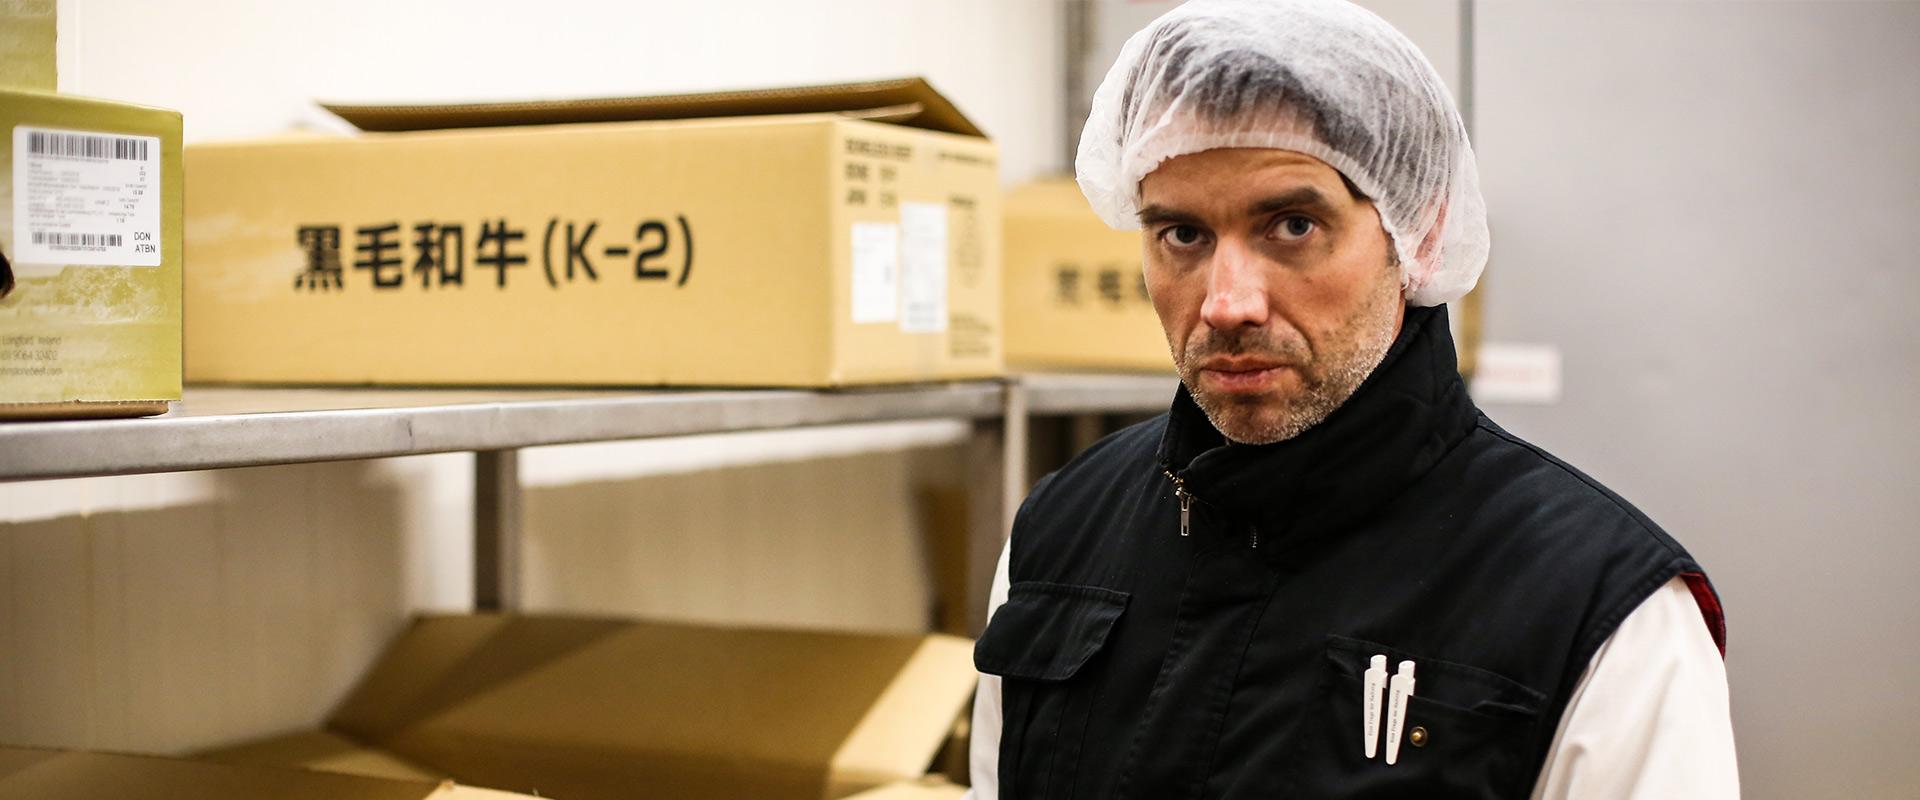 Fleischglück-Podcast #4 – mit Frank Albers: Wie wird Gourmetfleisch in Übersee produziert?